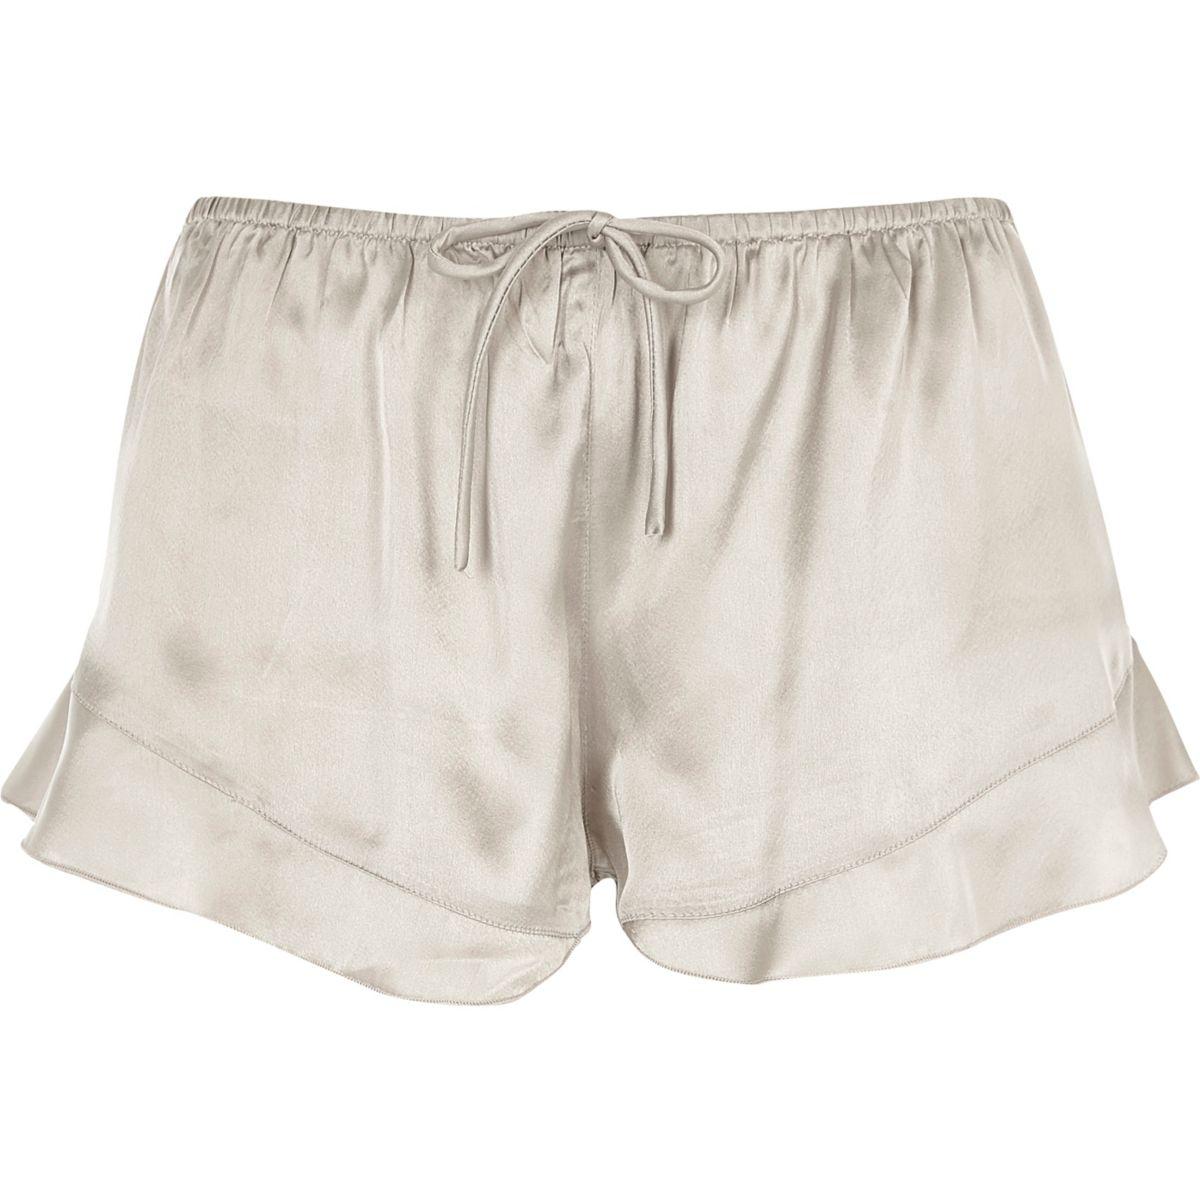 Grey satin frill hem pajama shorts